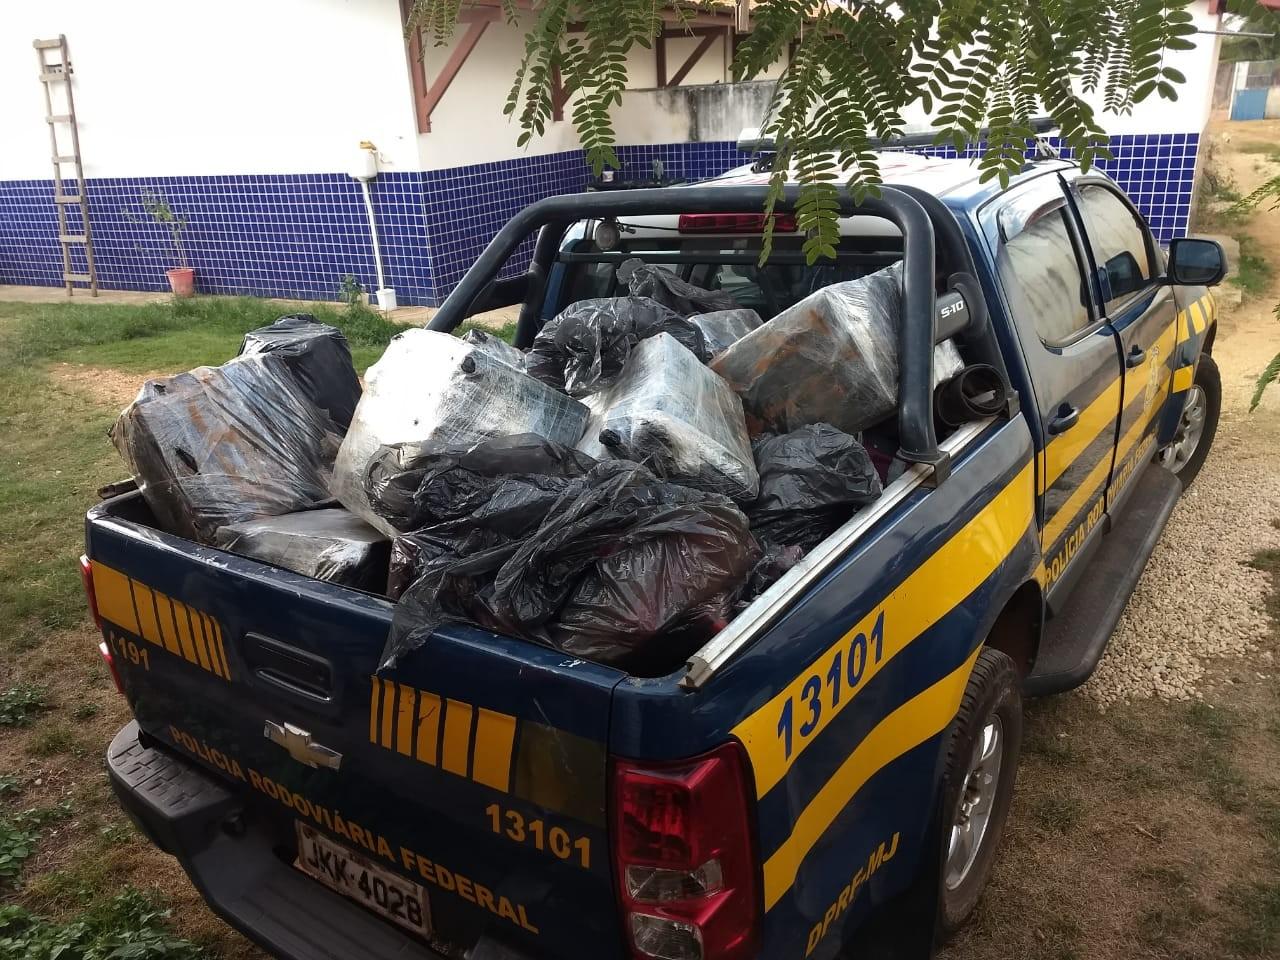 Polícia incinera uma tonelada de maconha apreendida durante operações de Dom Eliseu - Notícias - Plantão Diário